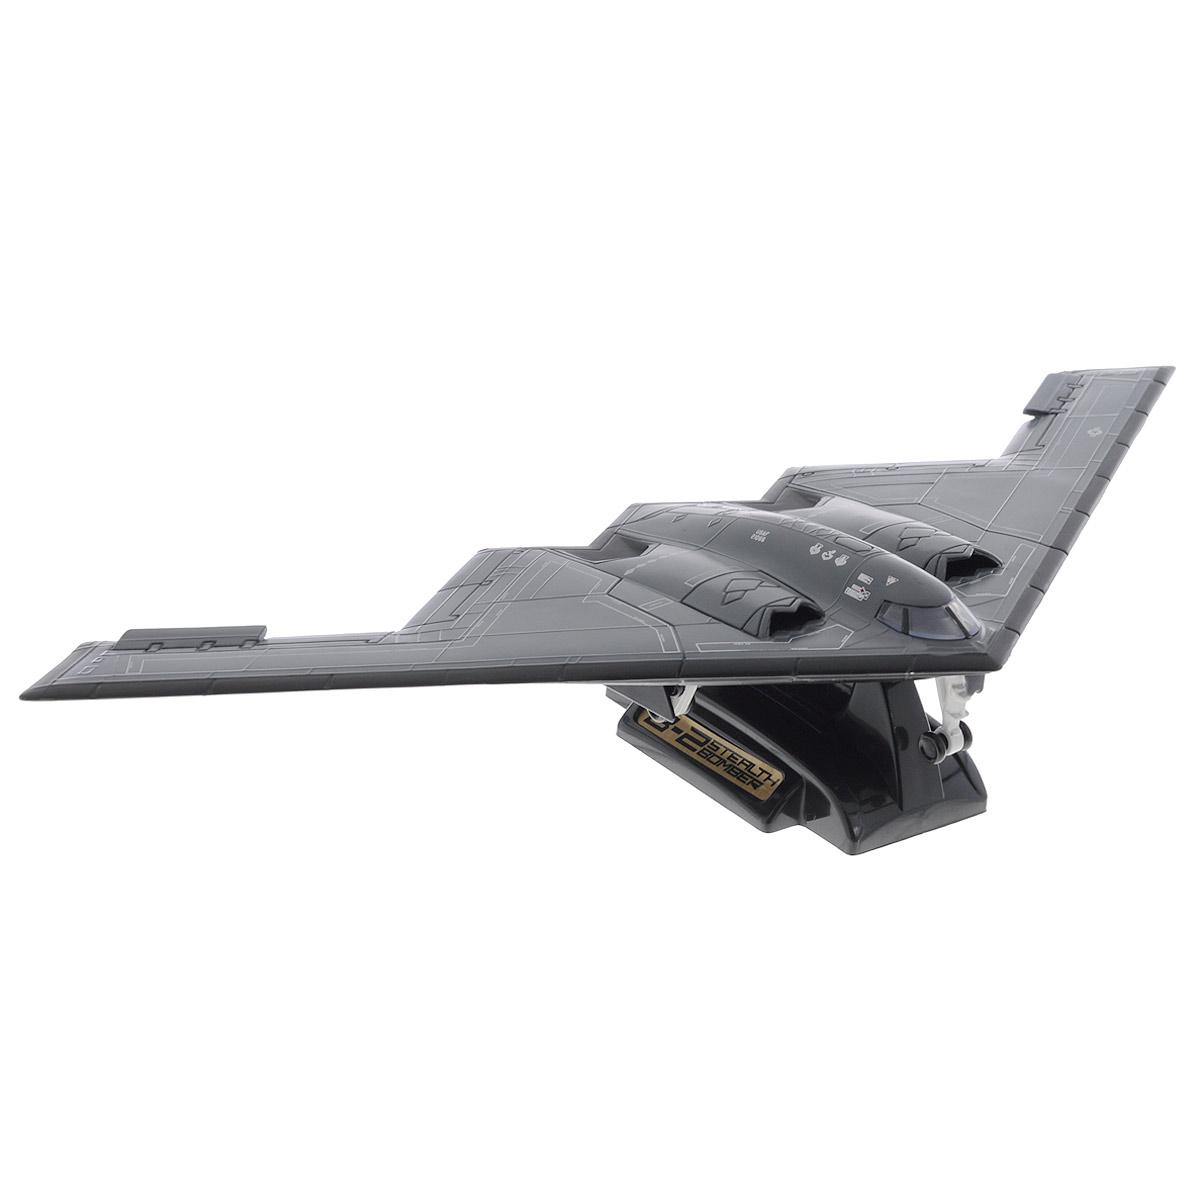 MotorMax Самолет Northrop Grumman B-2 Spirit76382Коллекционная модель MotorMax Northrop Grumman B-2 Spirit порадует каждого ценителя моделей авиационной техники. Модель, выполненная в масштабе 1/144, станет хорошим дополнением к любой коллекции. Самолет изготовлен из прочного пластика, поэтому может использоваться и как обычная игрушка. Модель досконально приближена к своему прототипу. Стоит также обратить внимание на проработанную детализацию модели. Самолет расположен на пластиковой подставке. Шасси самолета убираются. B-2 Spirit - это современный тяжёлый малозаметный стратегический бомбардировщик, состоящий на службе ВВС США. Такая модель станет отличным подарком не только любителю авиационной техники, но и человеку, ценящему оригинальность и изысканность, а качество исполнения представит такой подарок в самом лучшем свете.